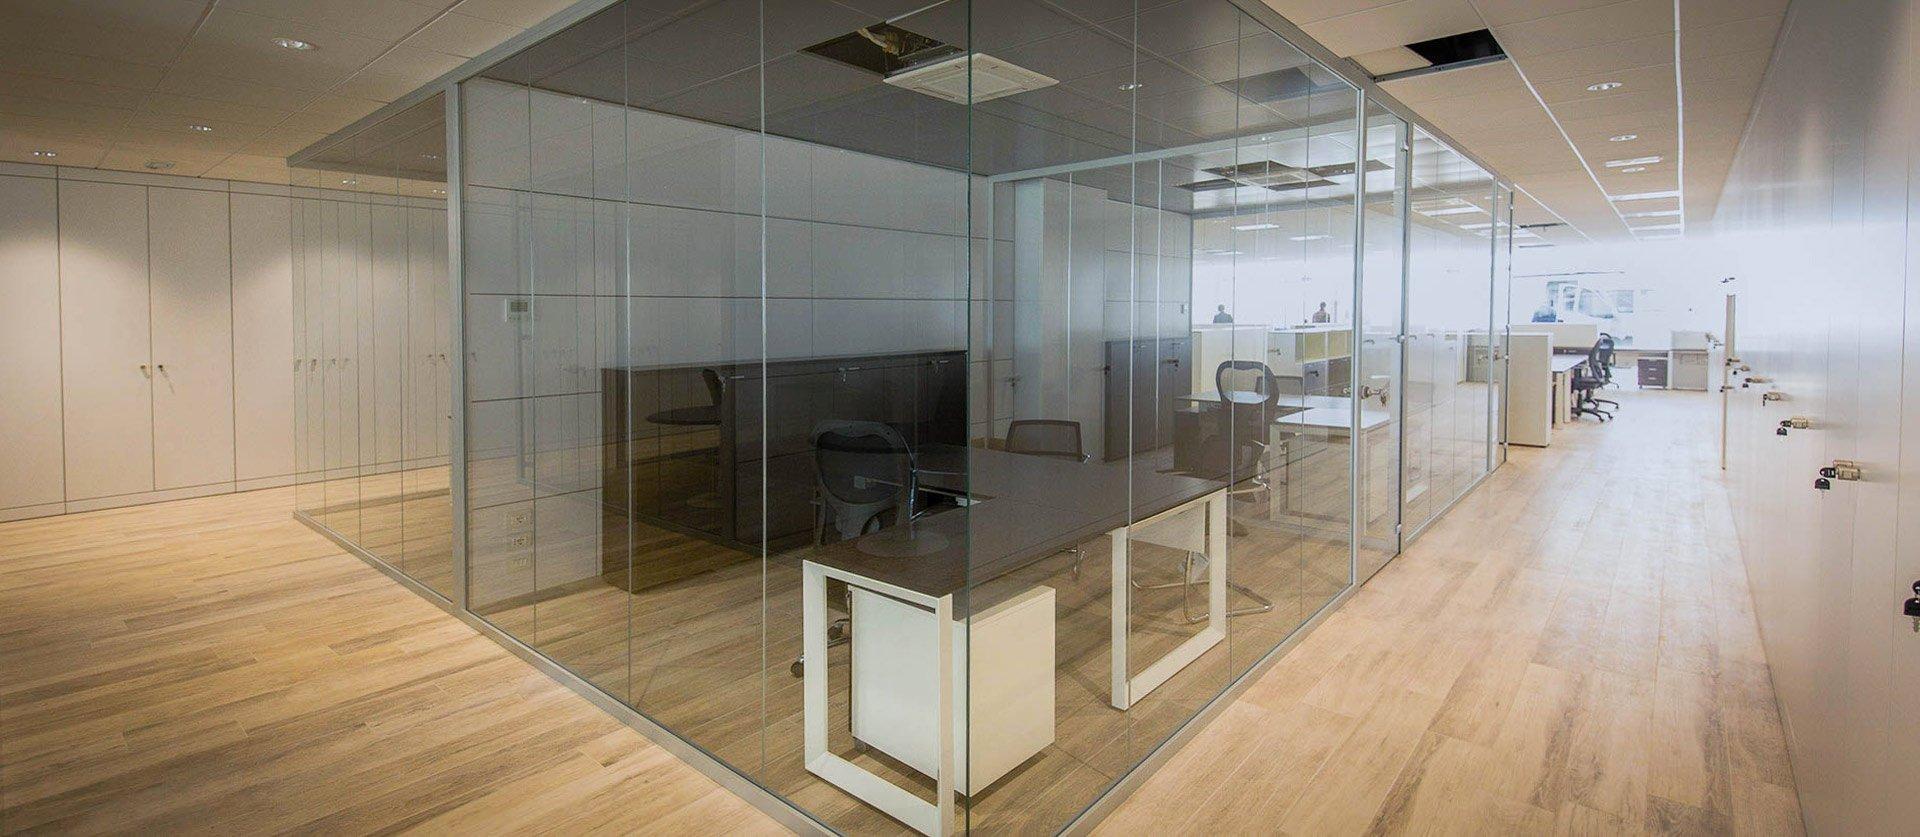 Mobili ufficio verona affordable mobili per ufficio for Produzione mobili ufficio